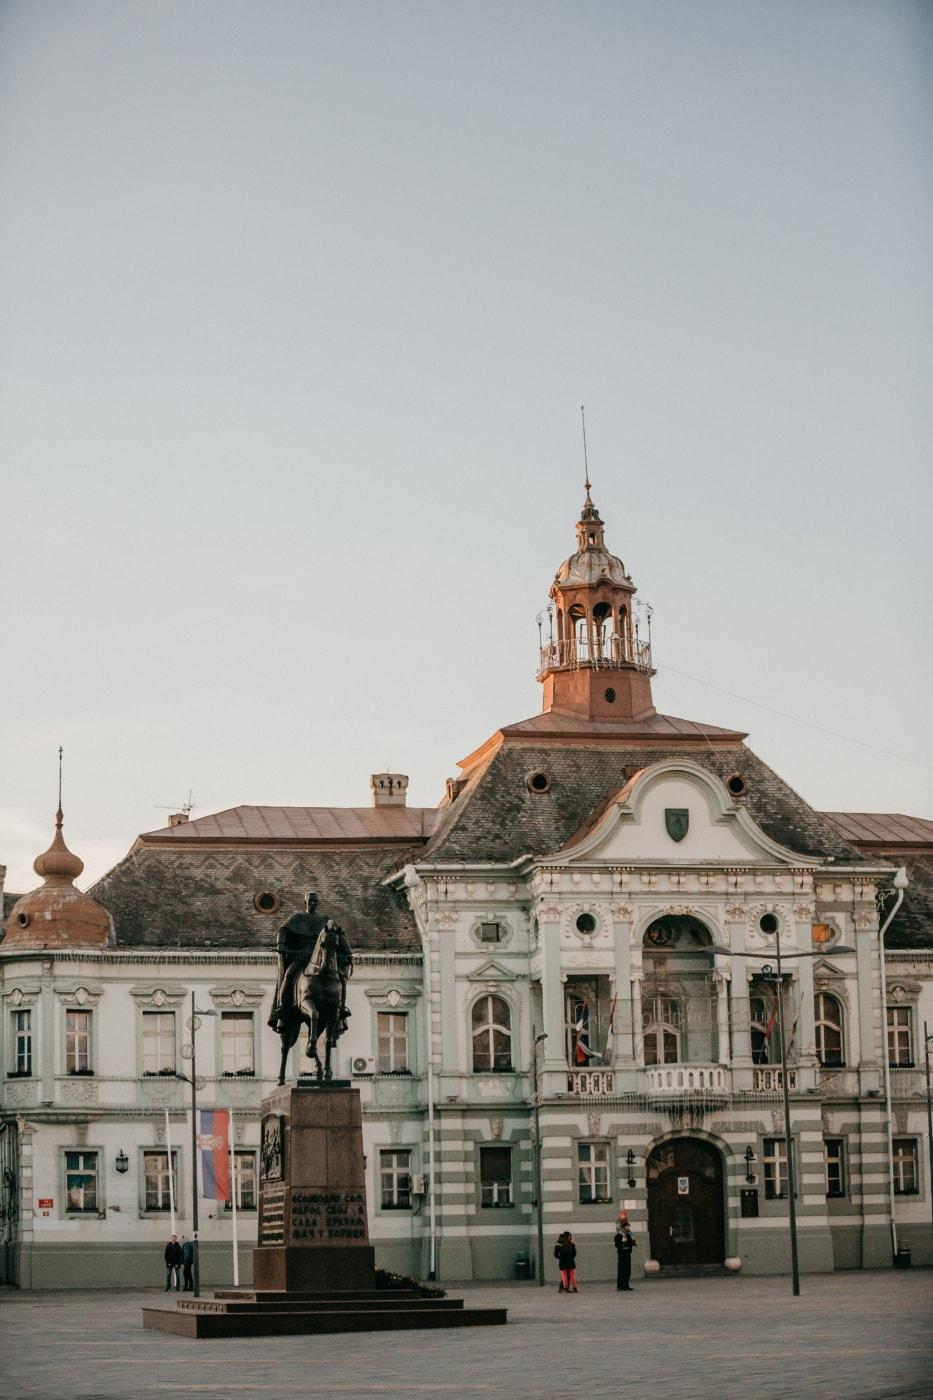 в центъра, градски пейзаж, град, социализъм, кметството, площад, улица, пребиваване, дворец, архитектура